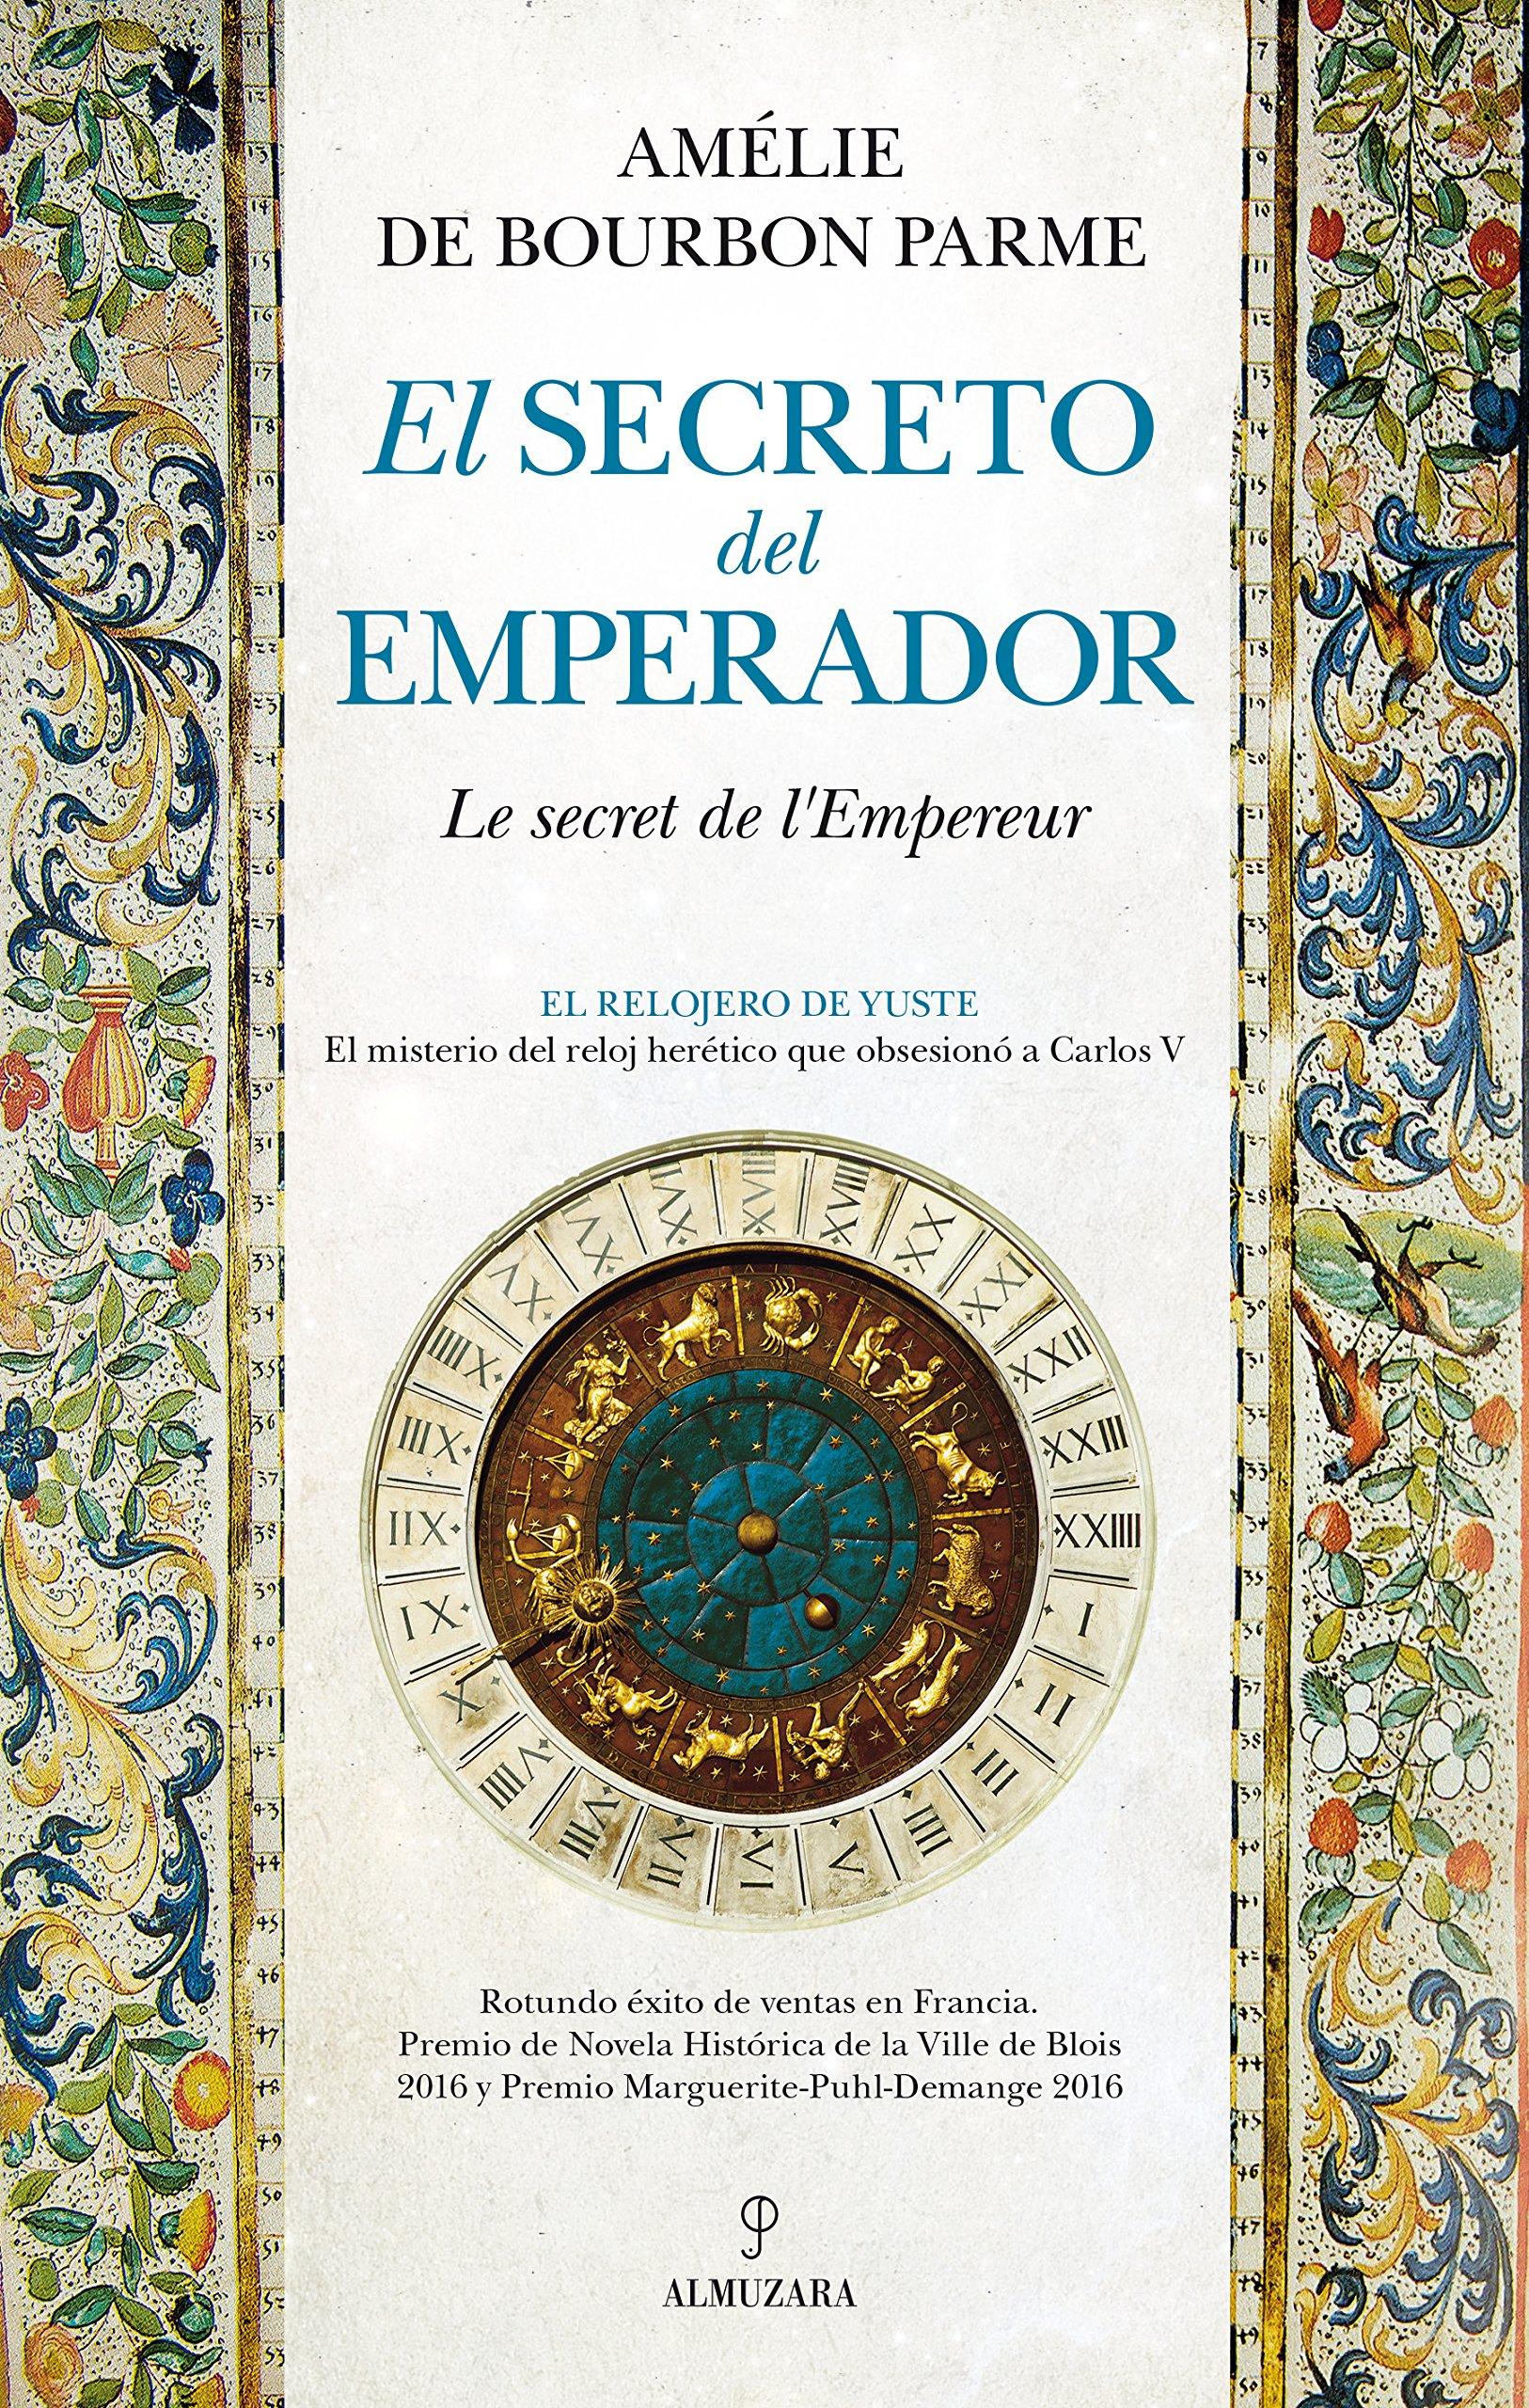 Secreto del Emperador, El (Novela): Amazon.es: de Bourbon Parme, Amélie: Libros